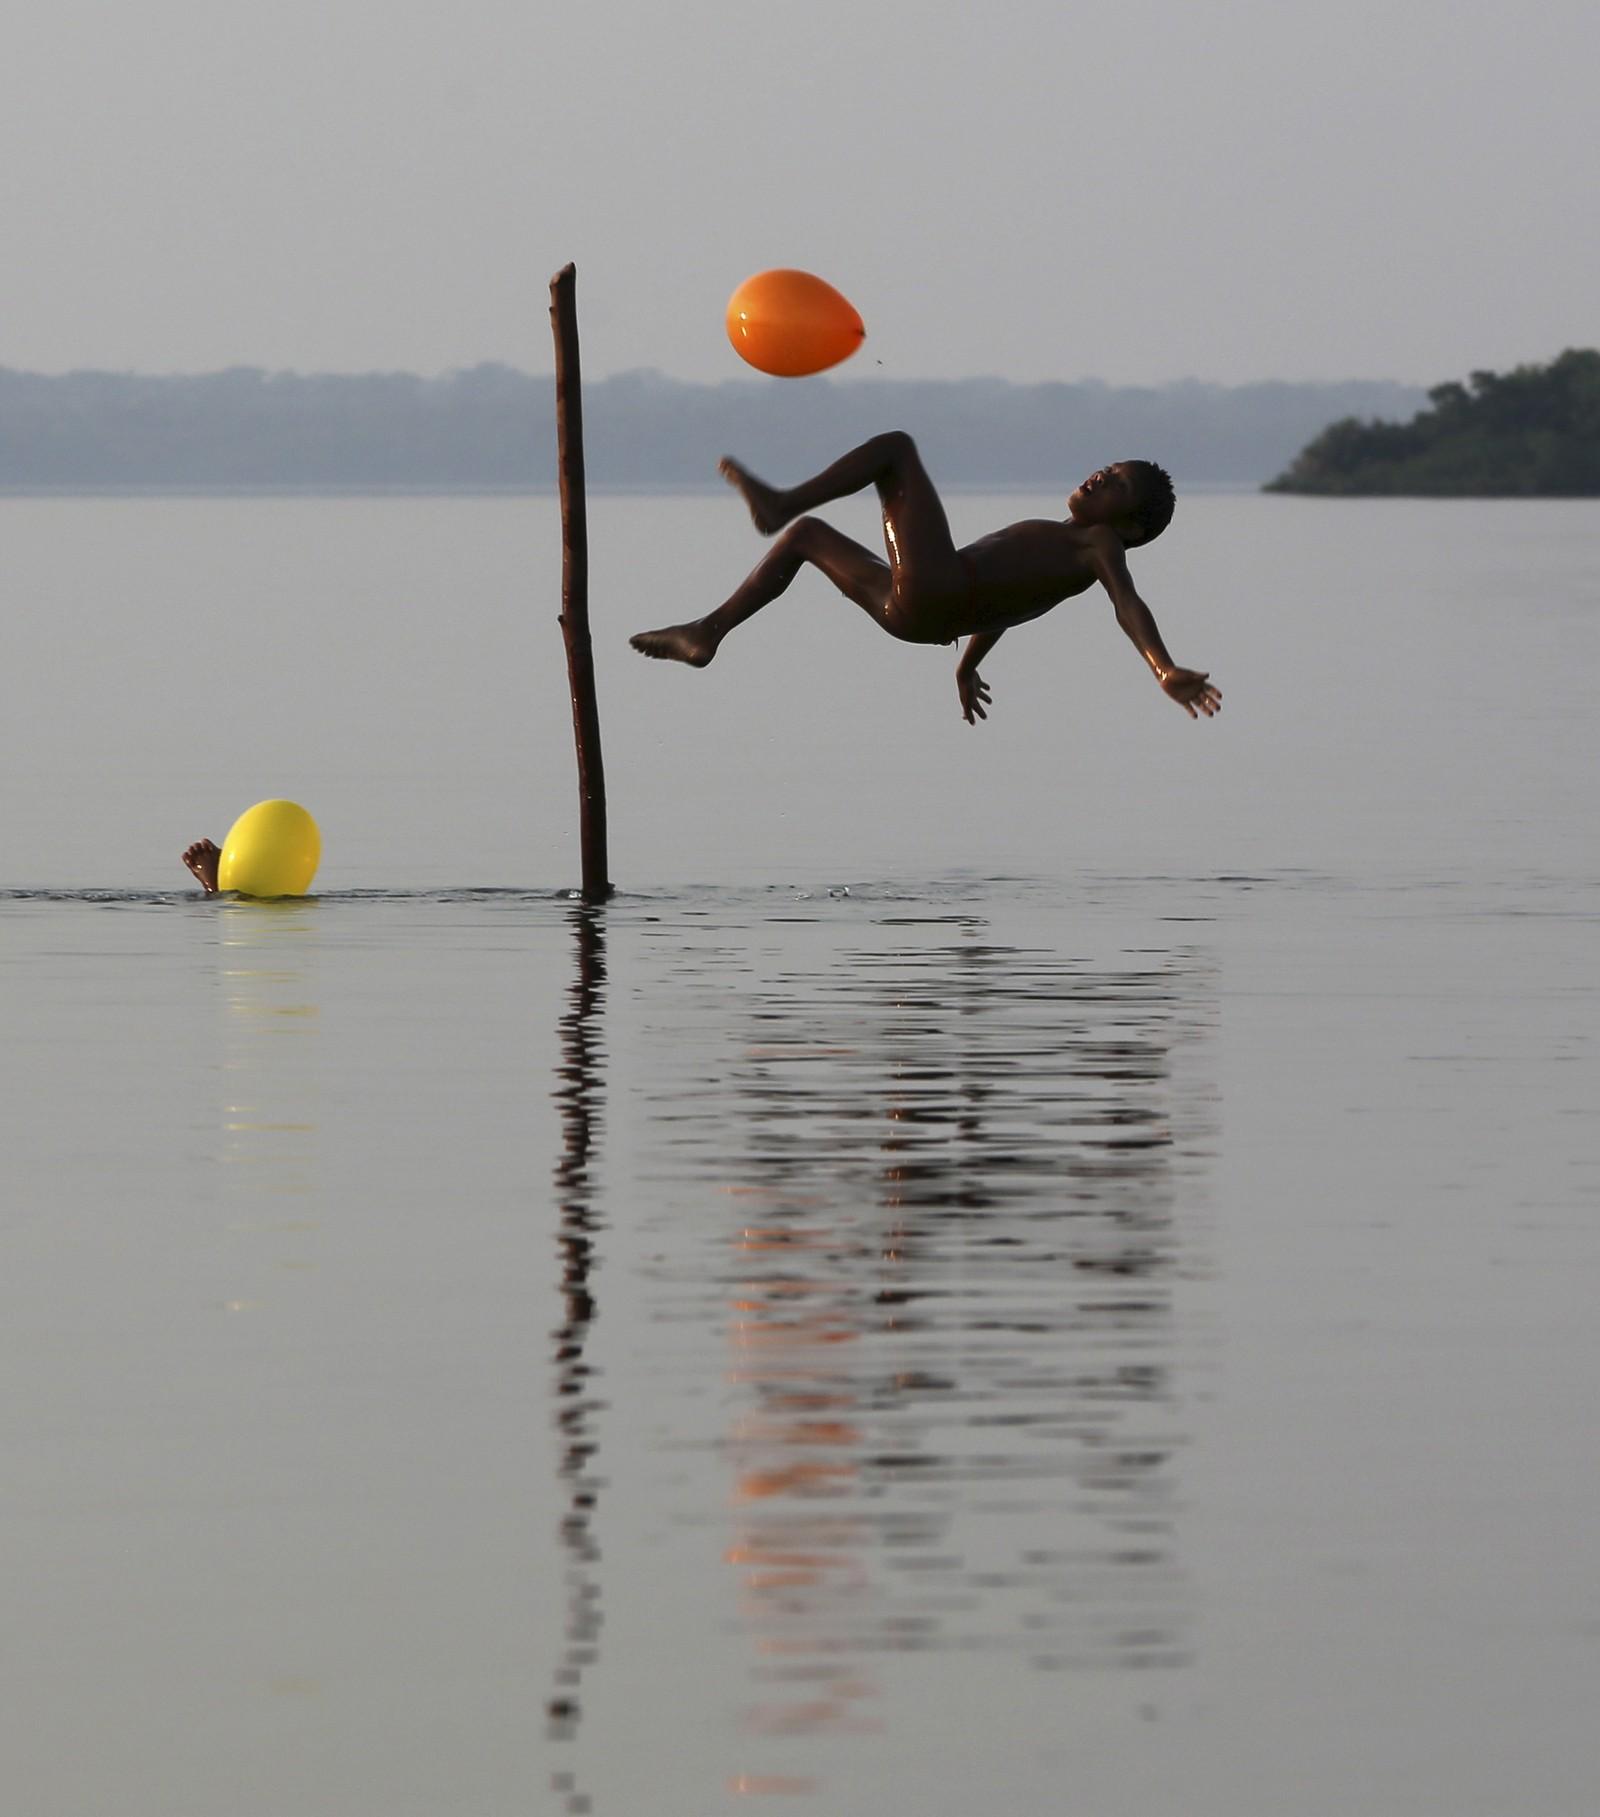 Et barn fra Kamayura-stammen leker i nasjonalparken Xingu i Mato Grosso, Brasil. Stammen består av rundt 300 medlemmer, og er en av 16 etniske grupper i området. Søndag går TV-aksjonen av stabelen til inntekt for regnskogen i blant annet Brasil.